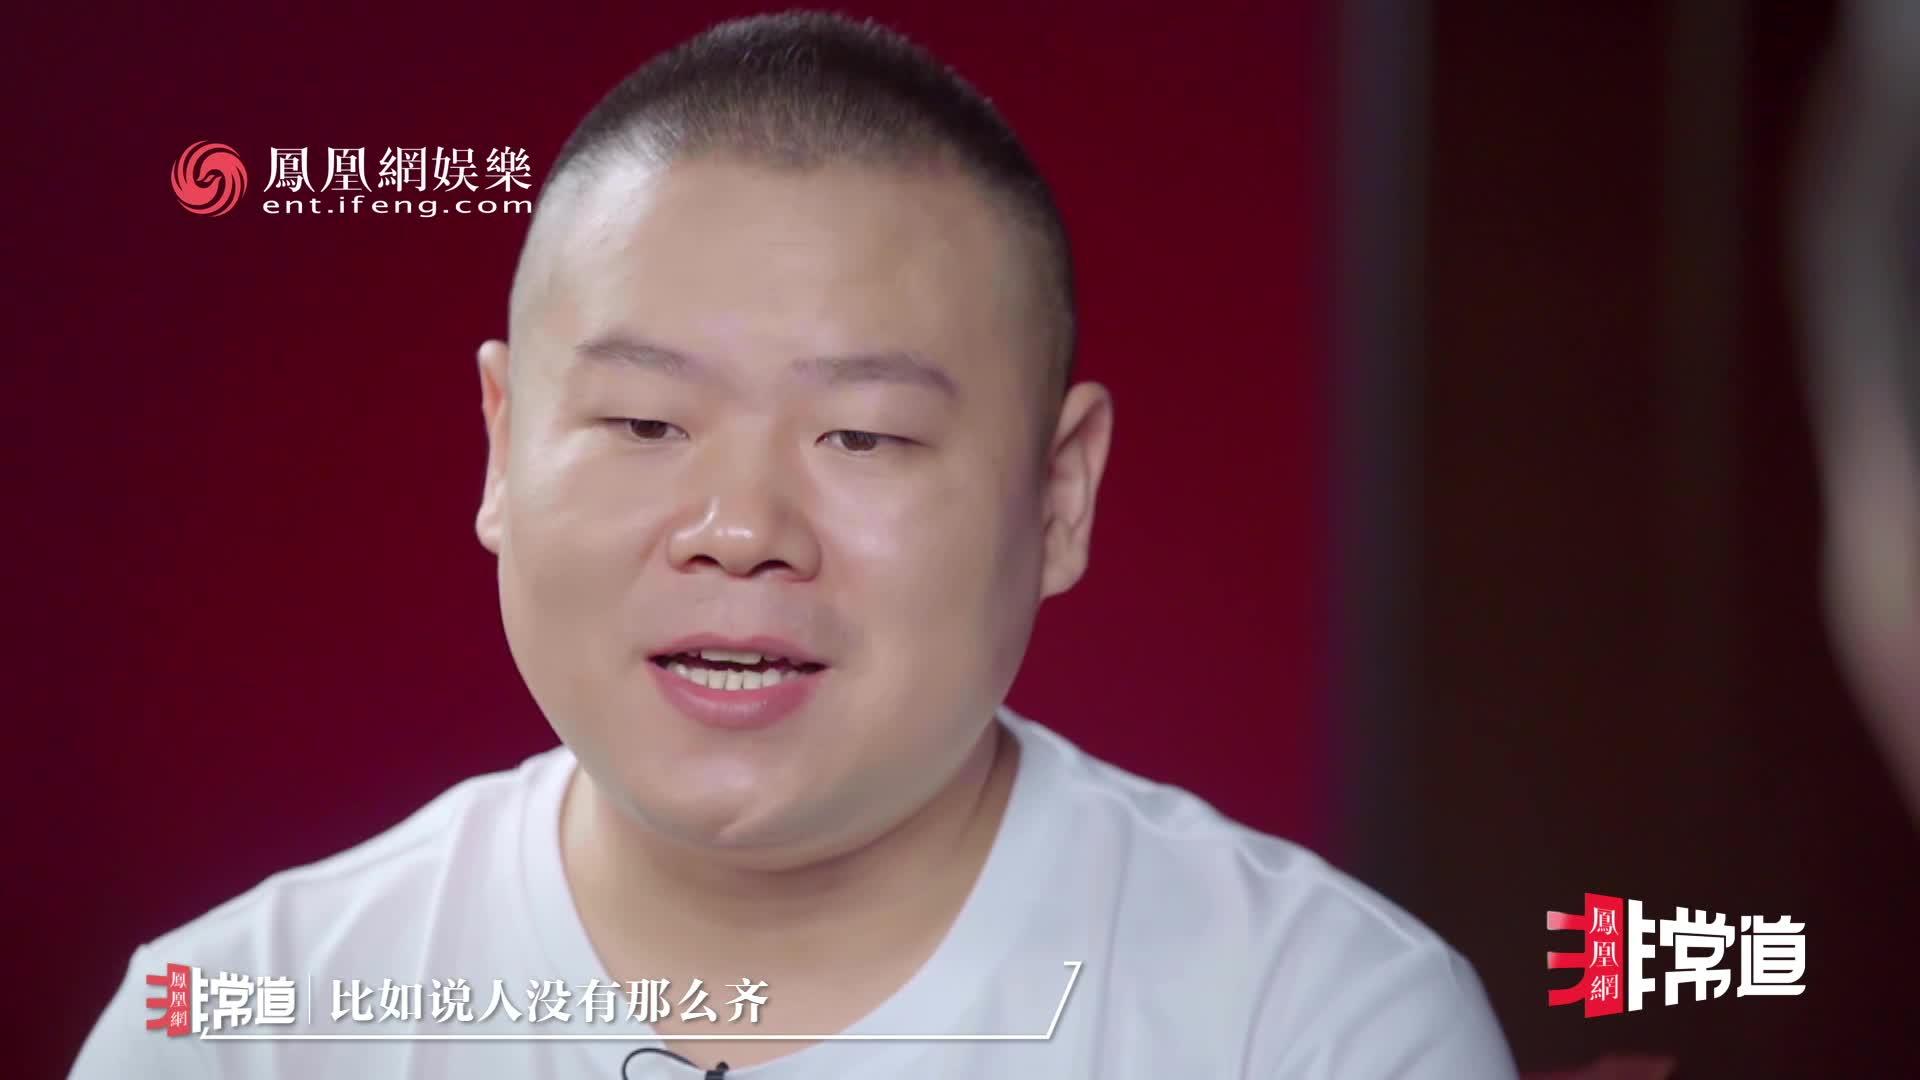 [凤凰网非常道]岳云鹏:感念师傅珍惜同门、不许徒弟互相告状